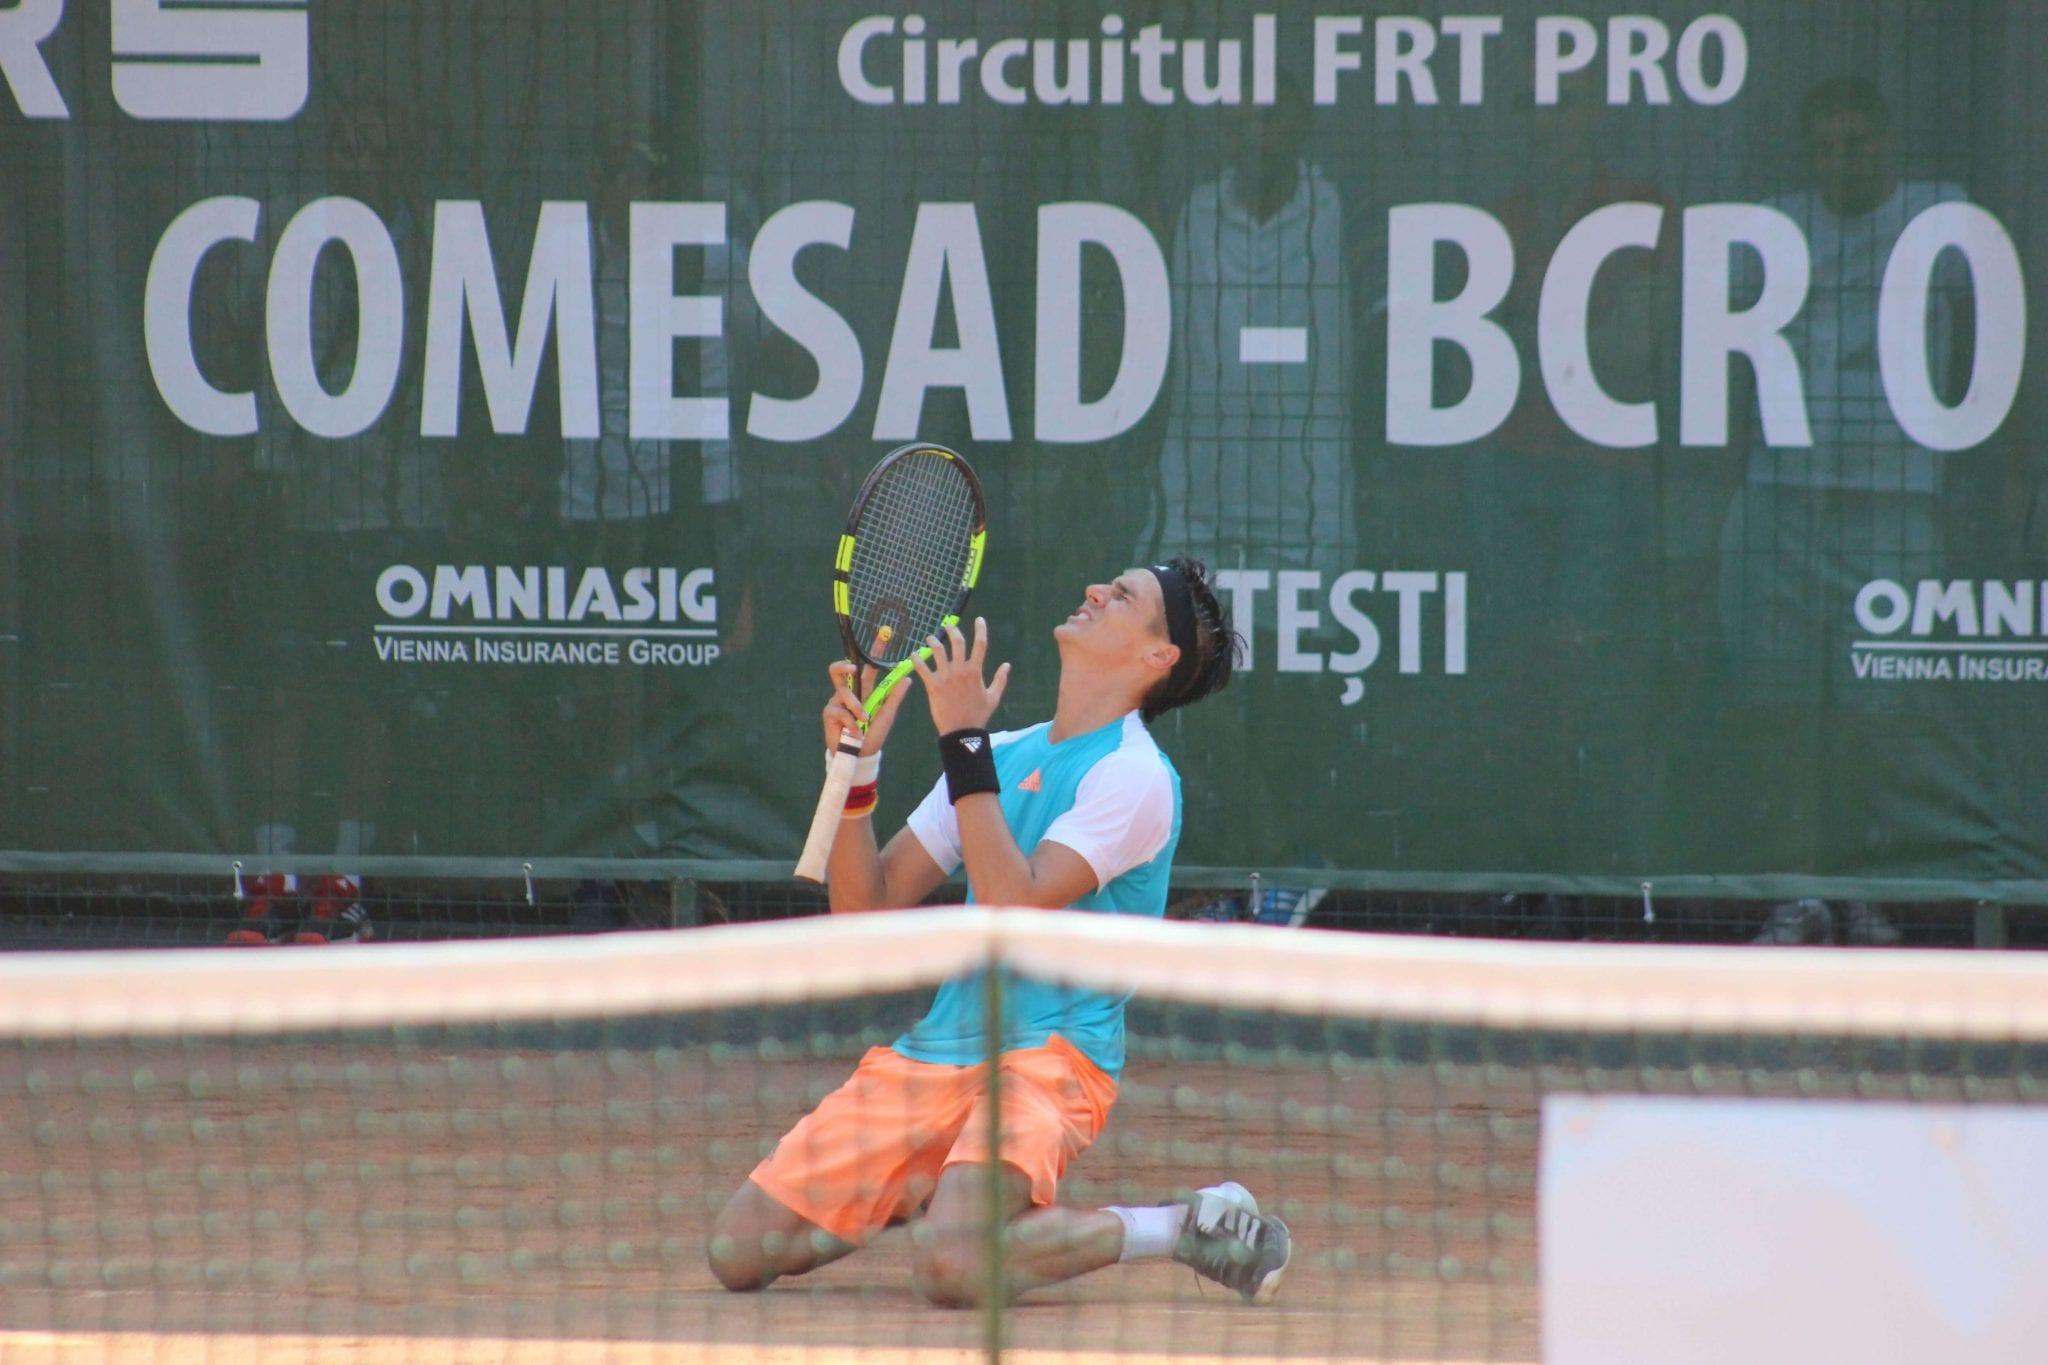 """Argentinianul Federico Coria a câștigat turneul """"Comesad BCR Open"""""""